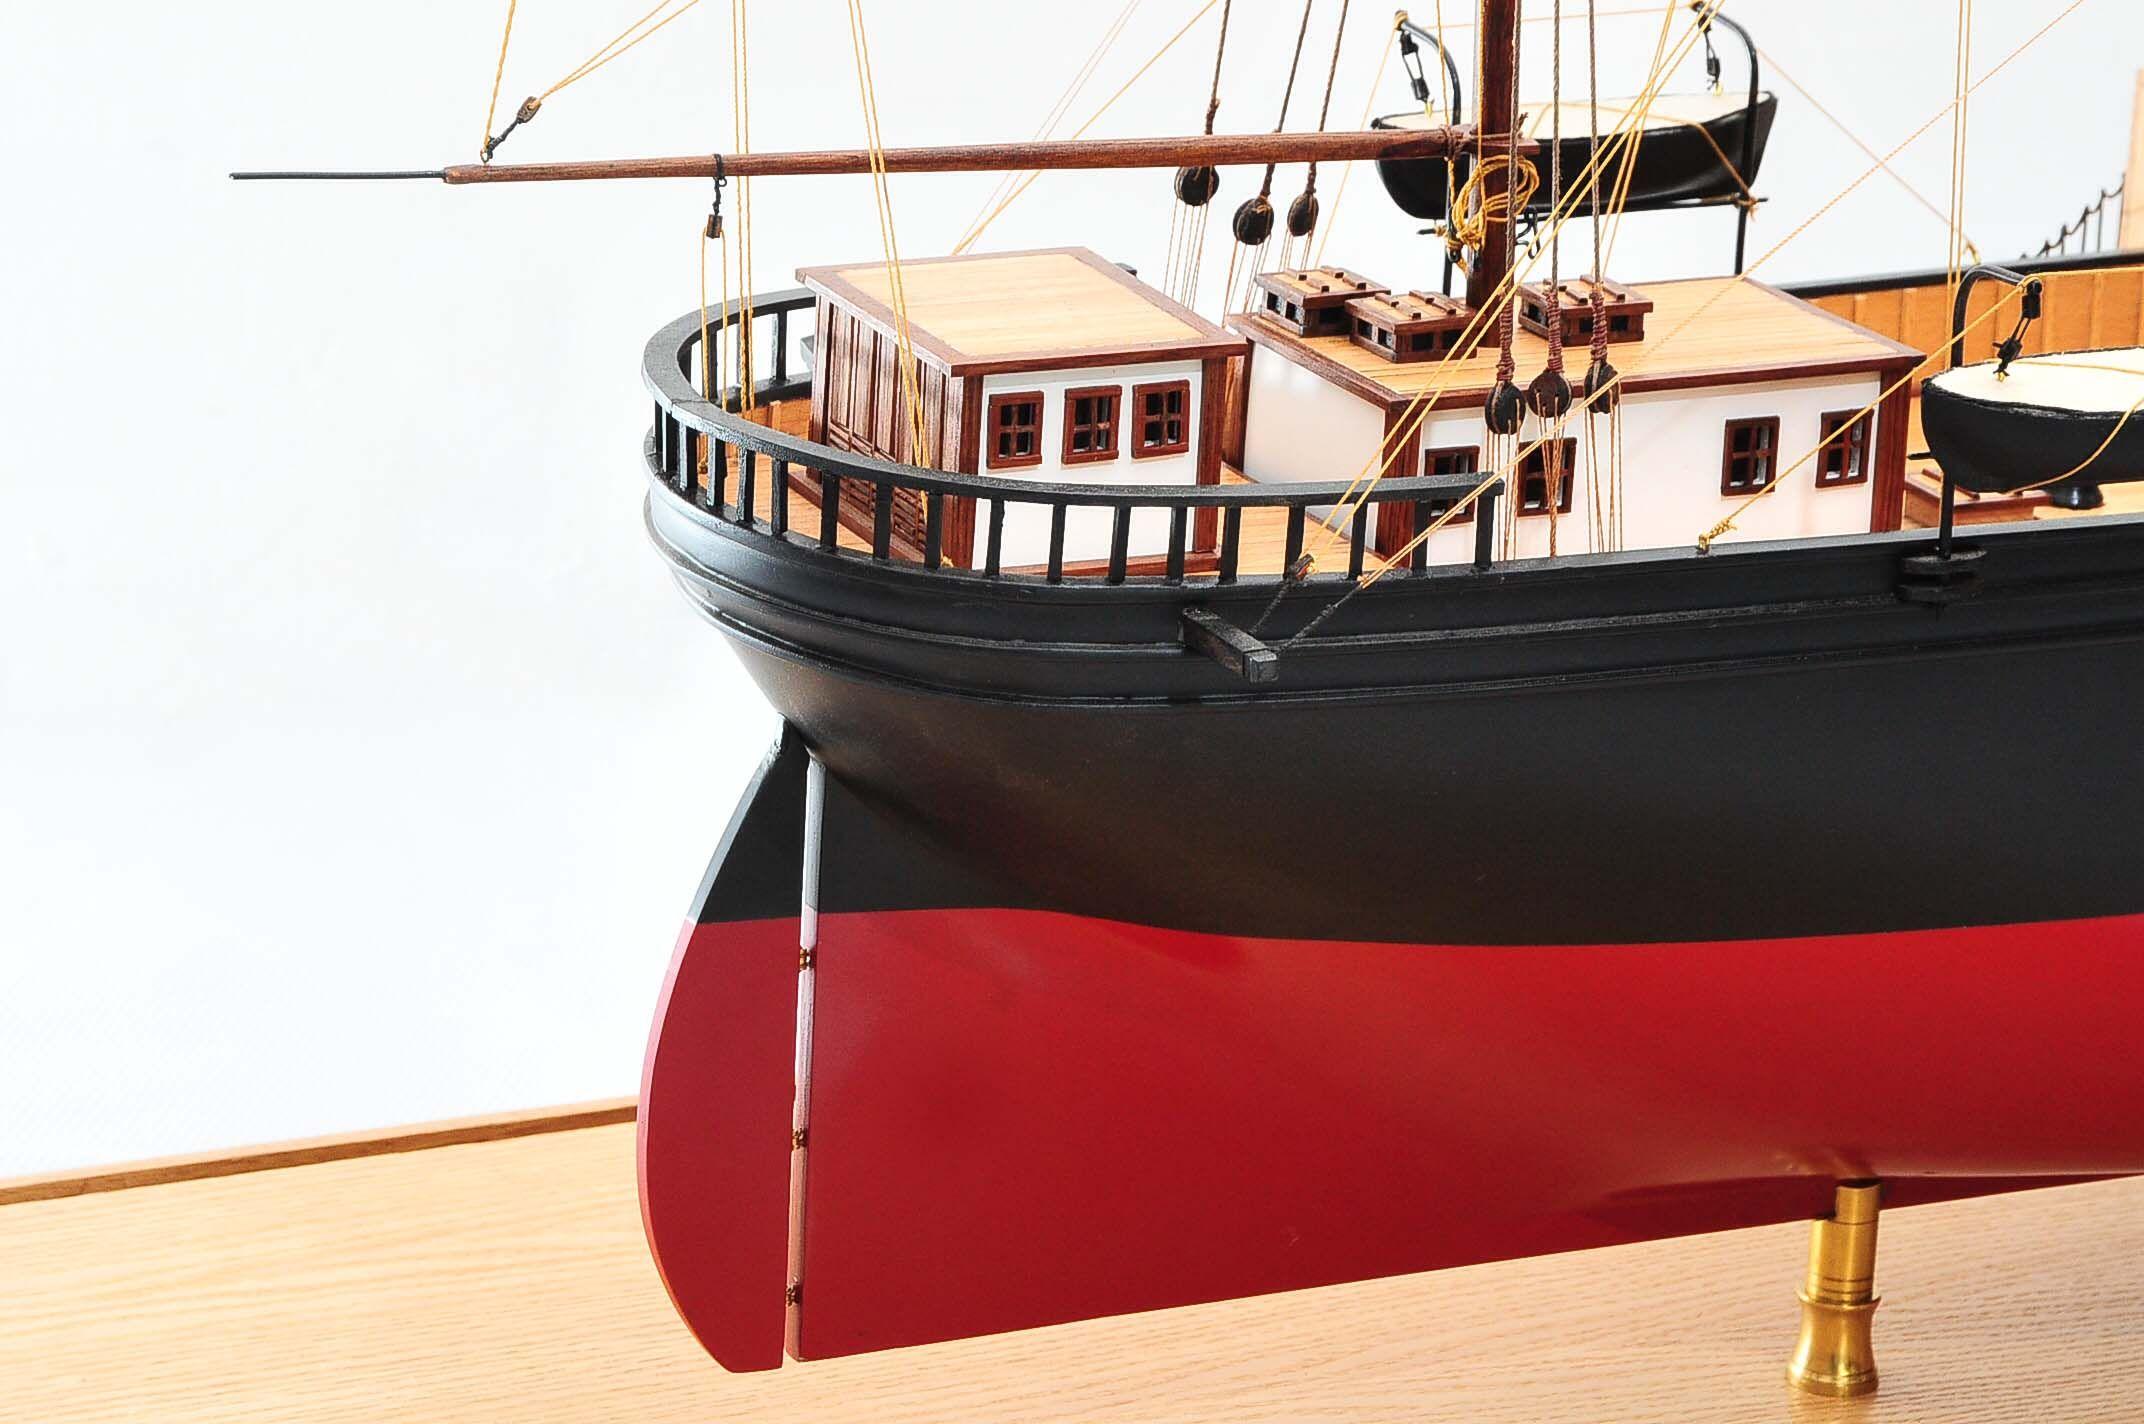 668-8658-California-Model-Ship-Premier-Range